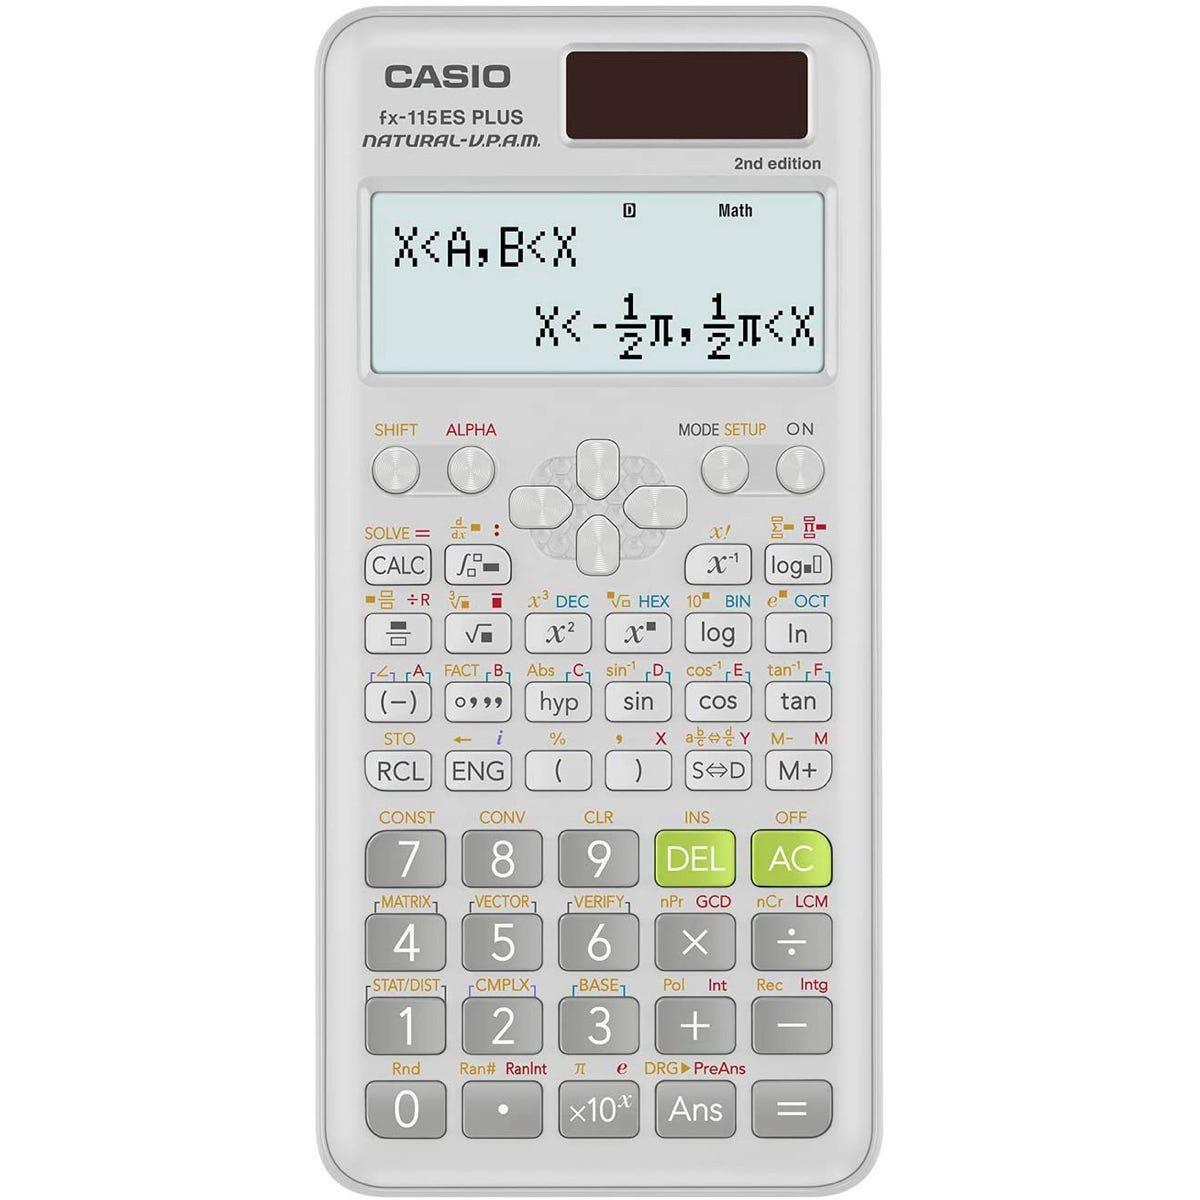 Casio FX-115ESPLUS2 Scientific Calculator